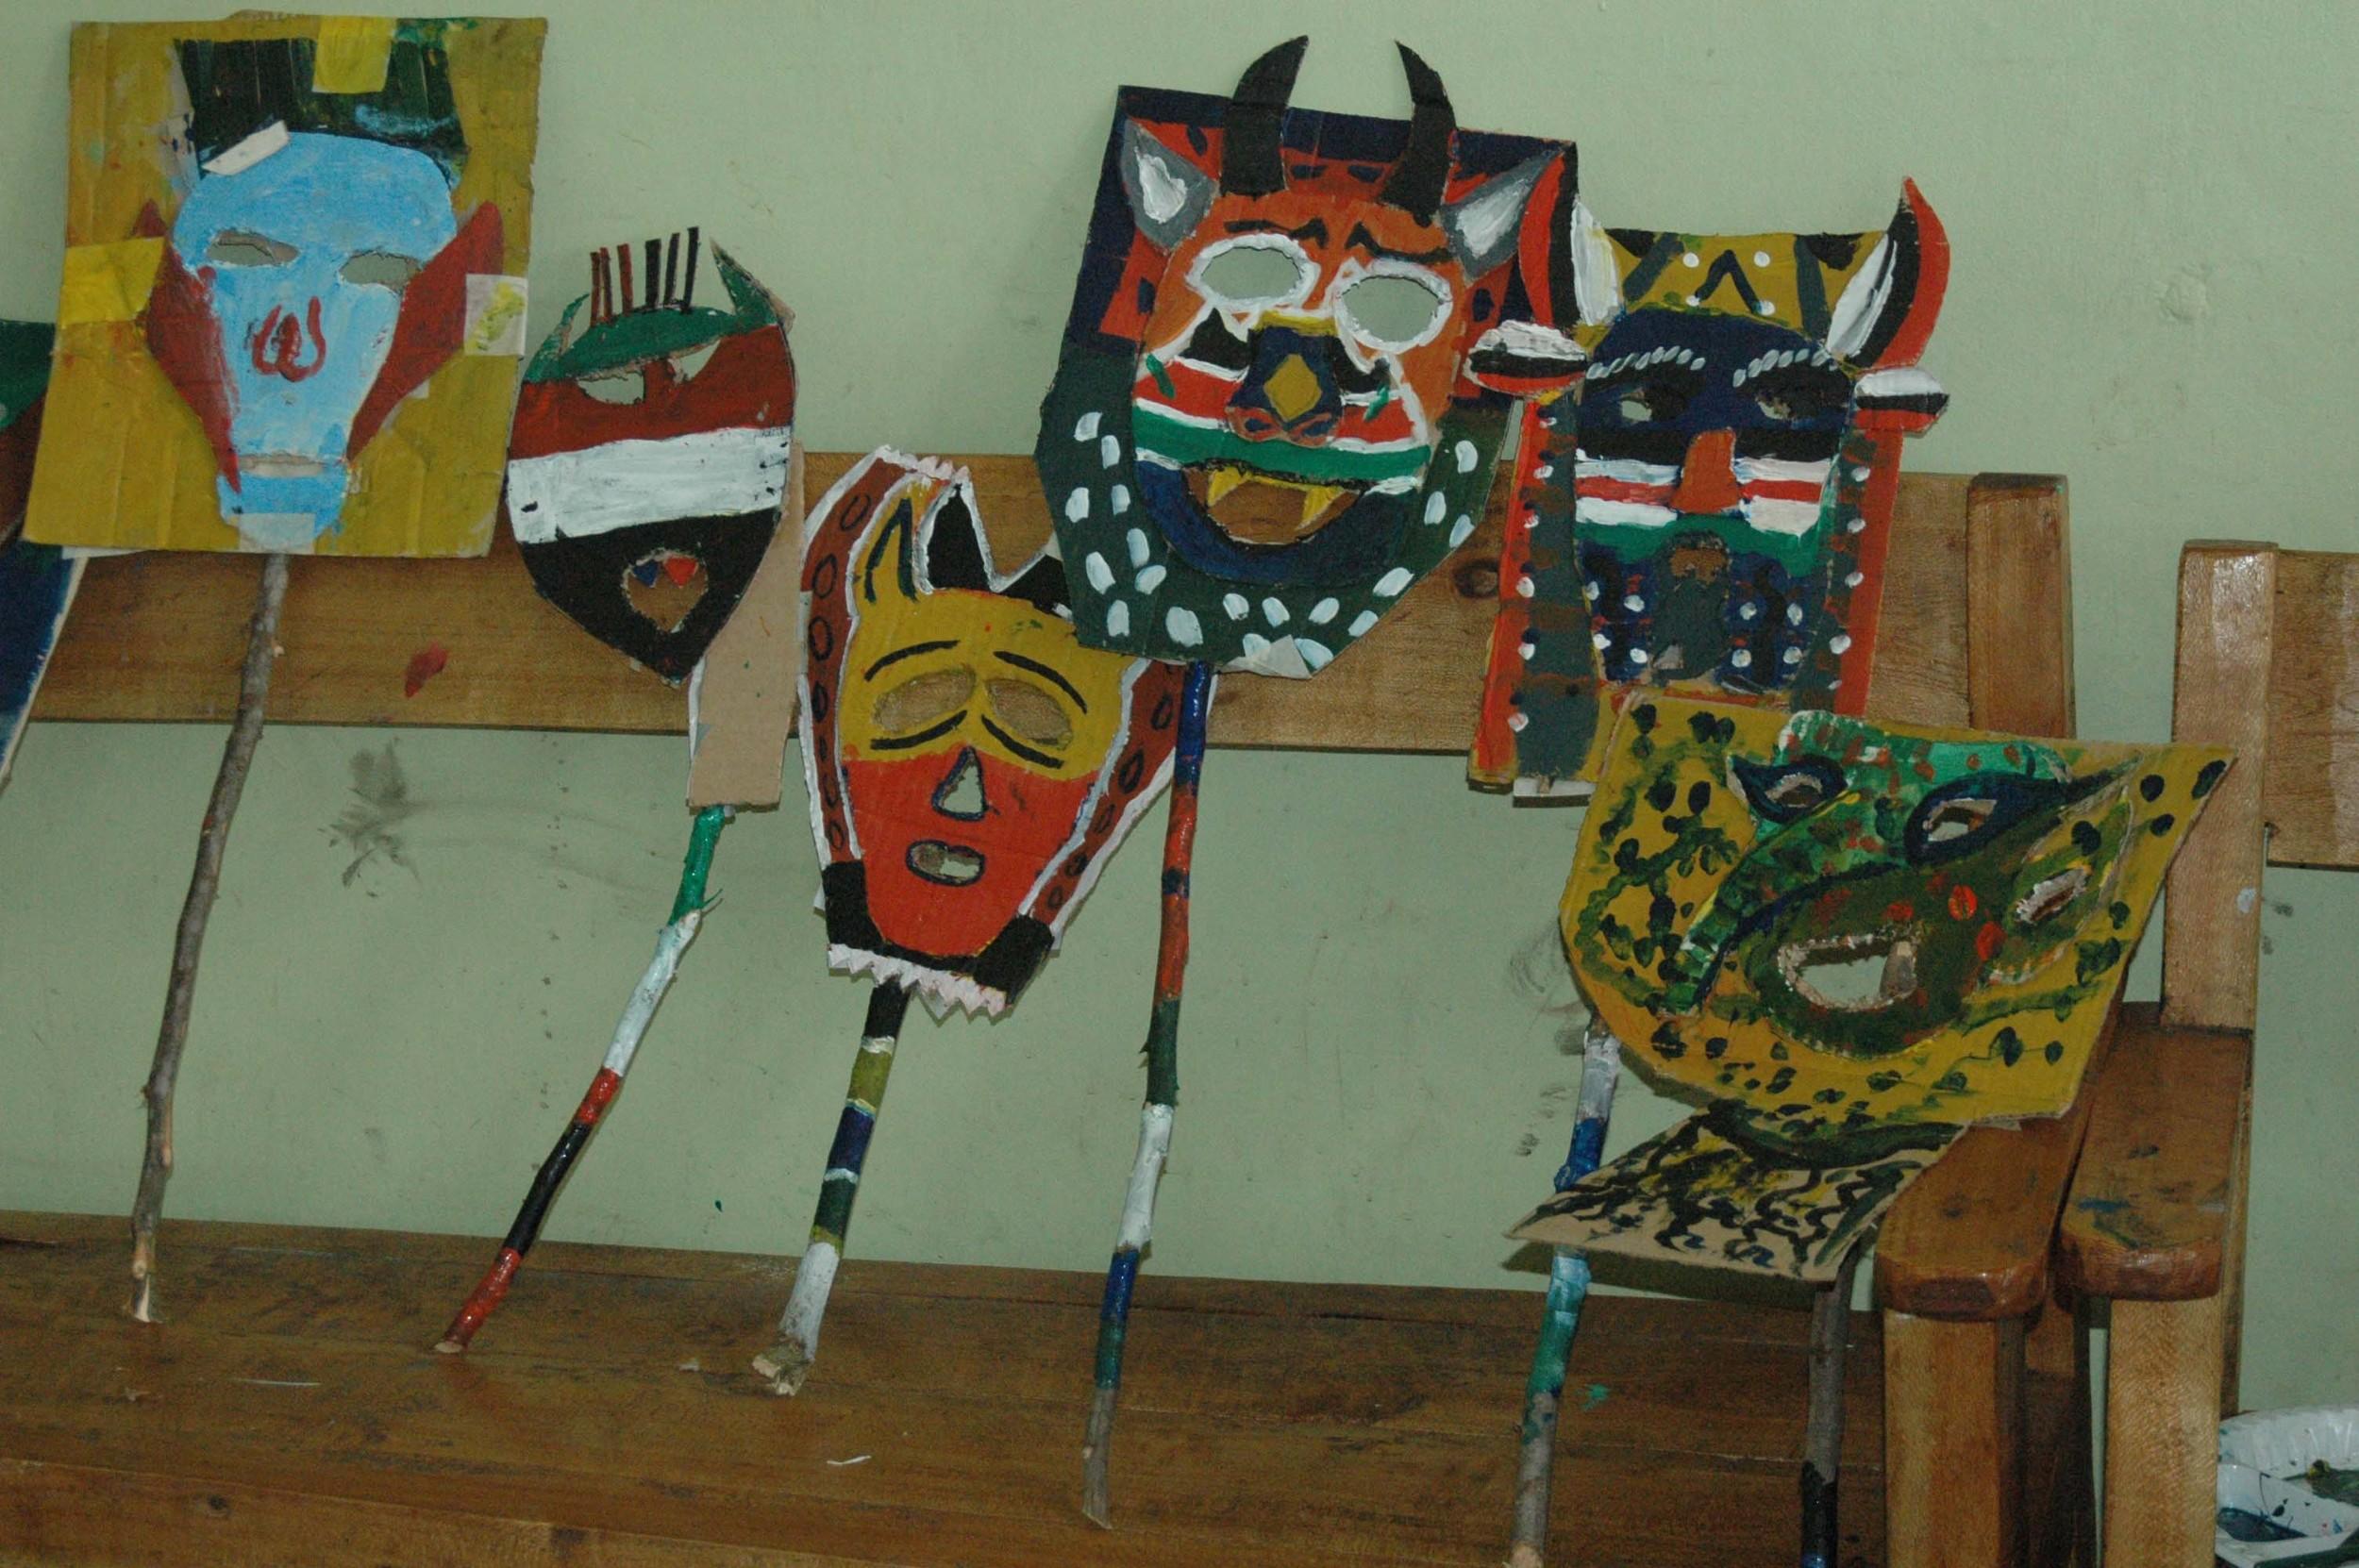 art  - cardboard masks - Mathare.jpg